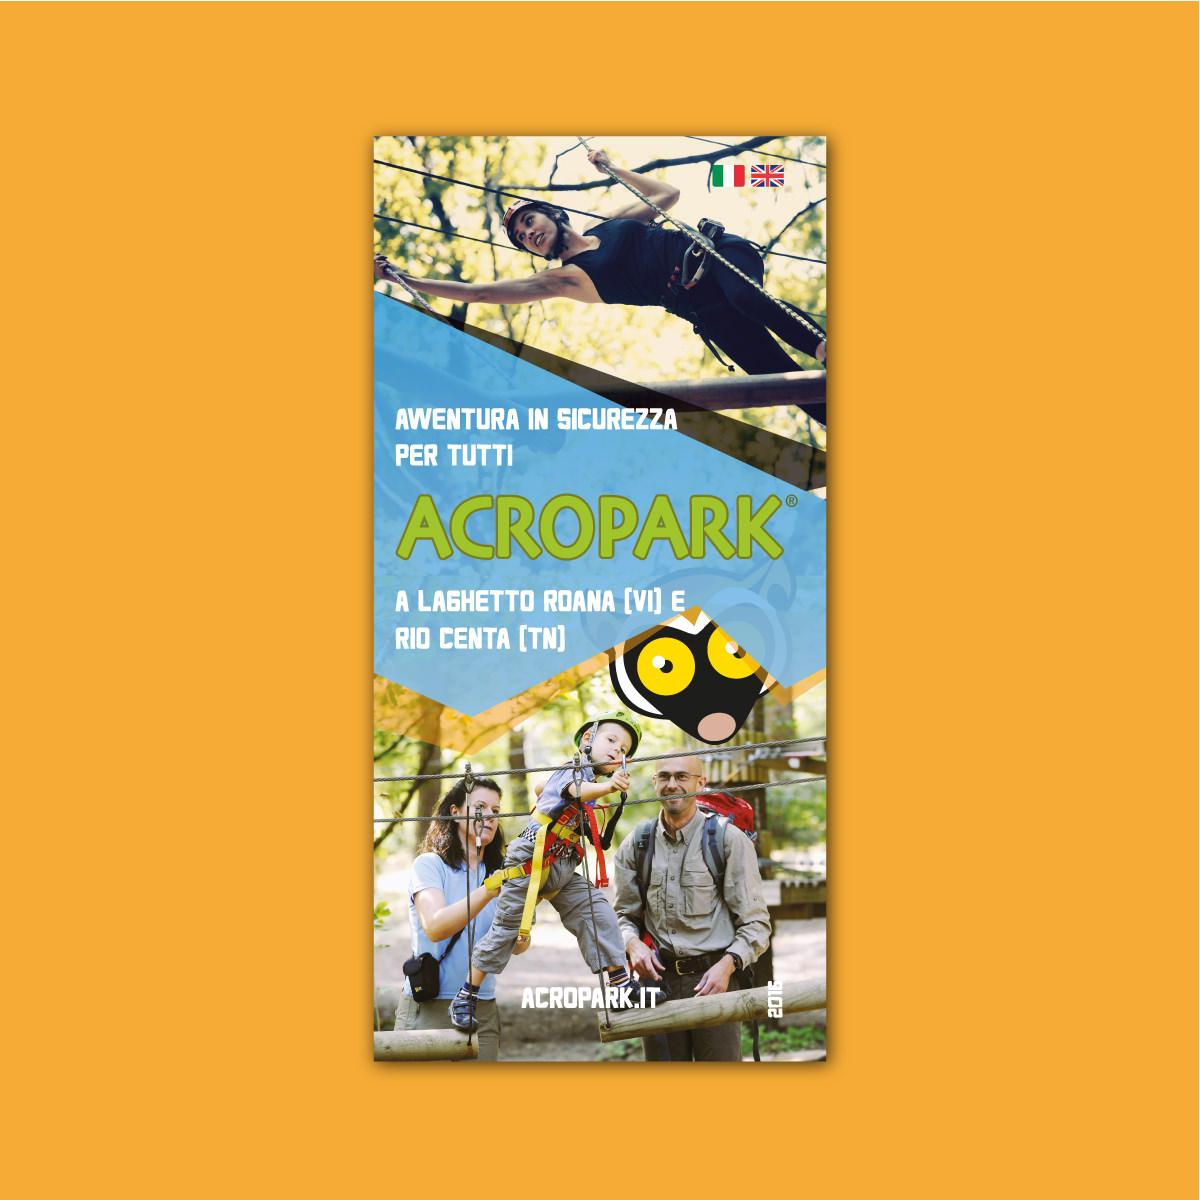 Copertina della brochure Acropark